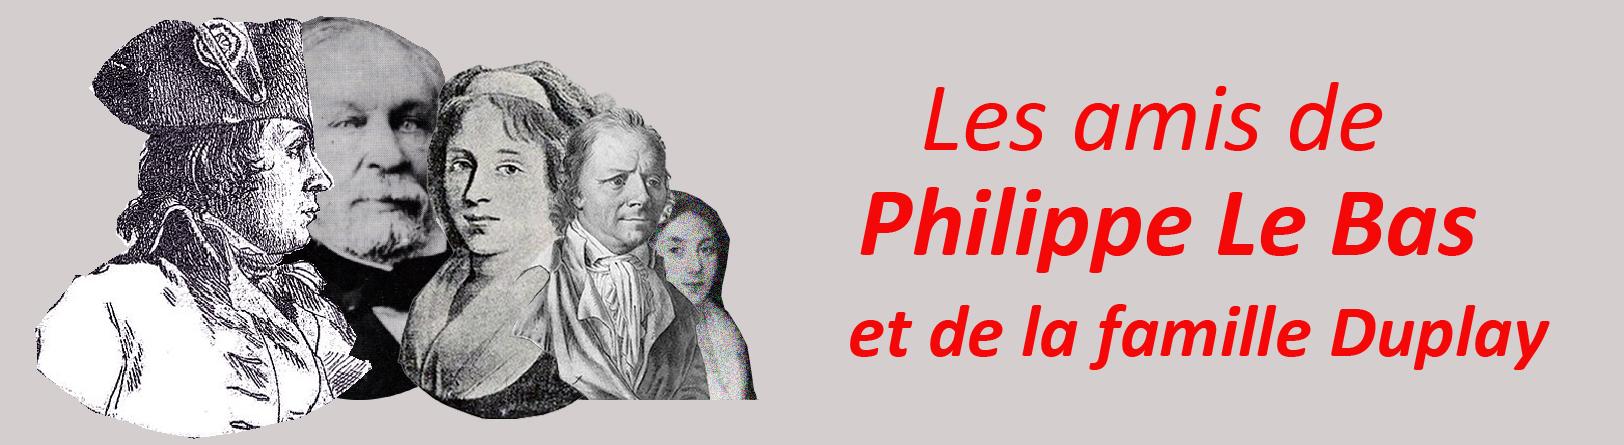 Les amis de Philippe Le Bas et de la famille Duplay